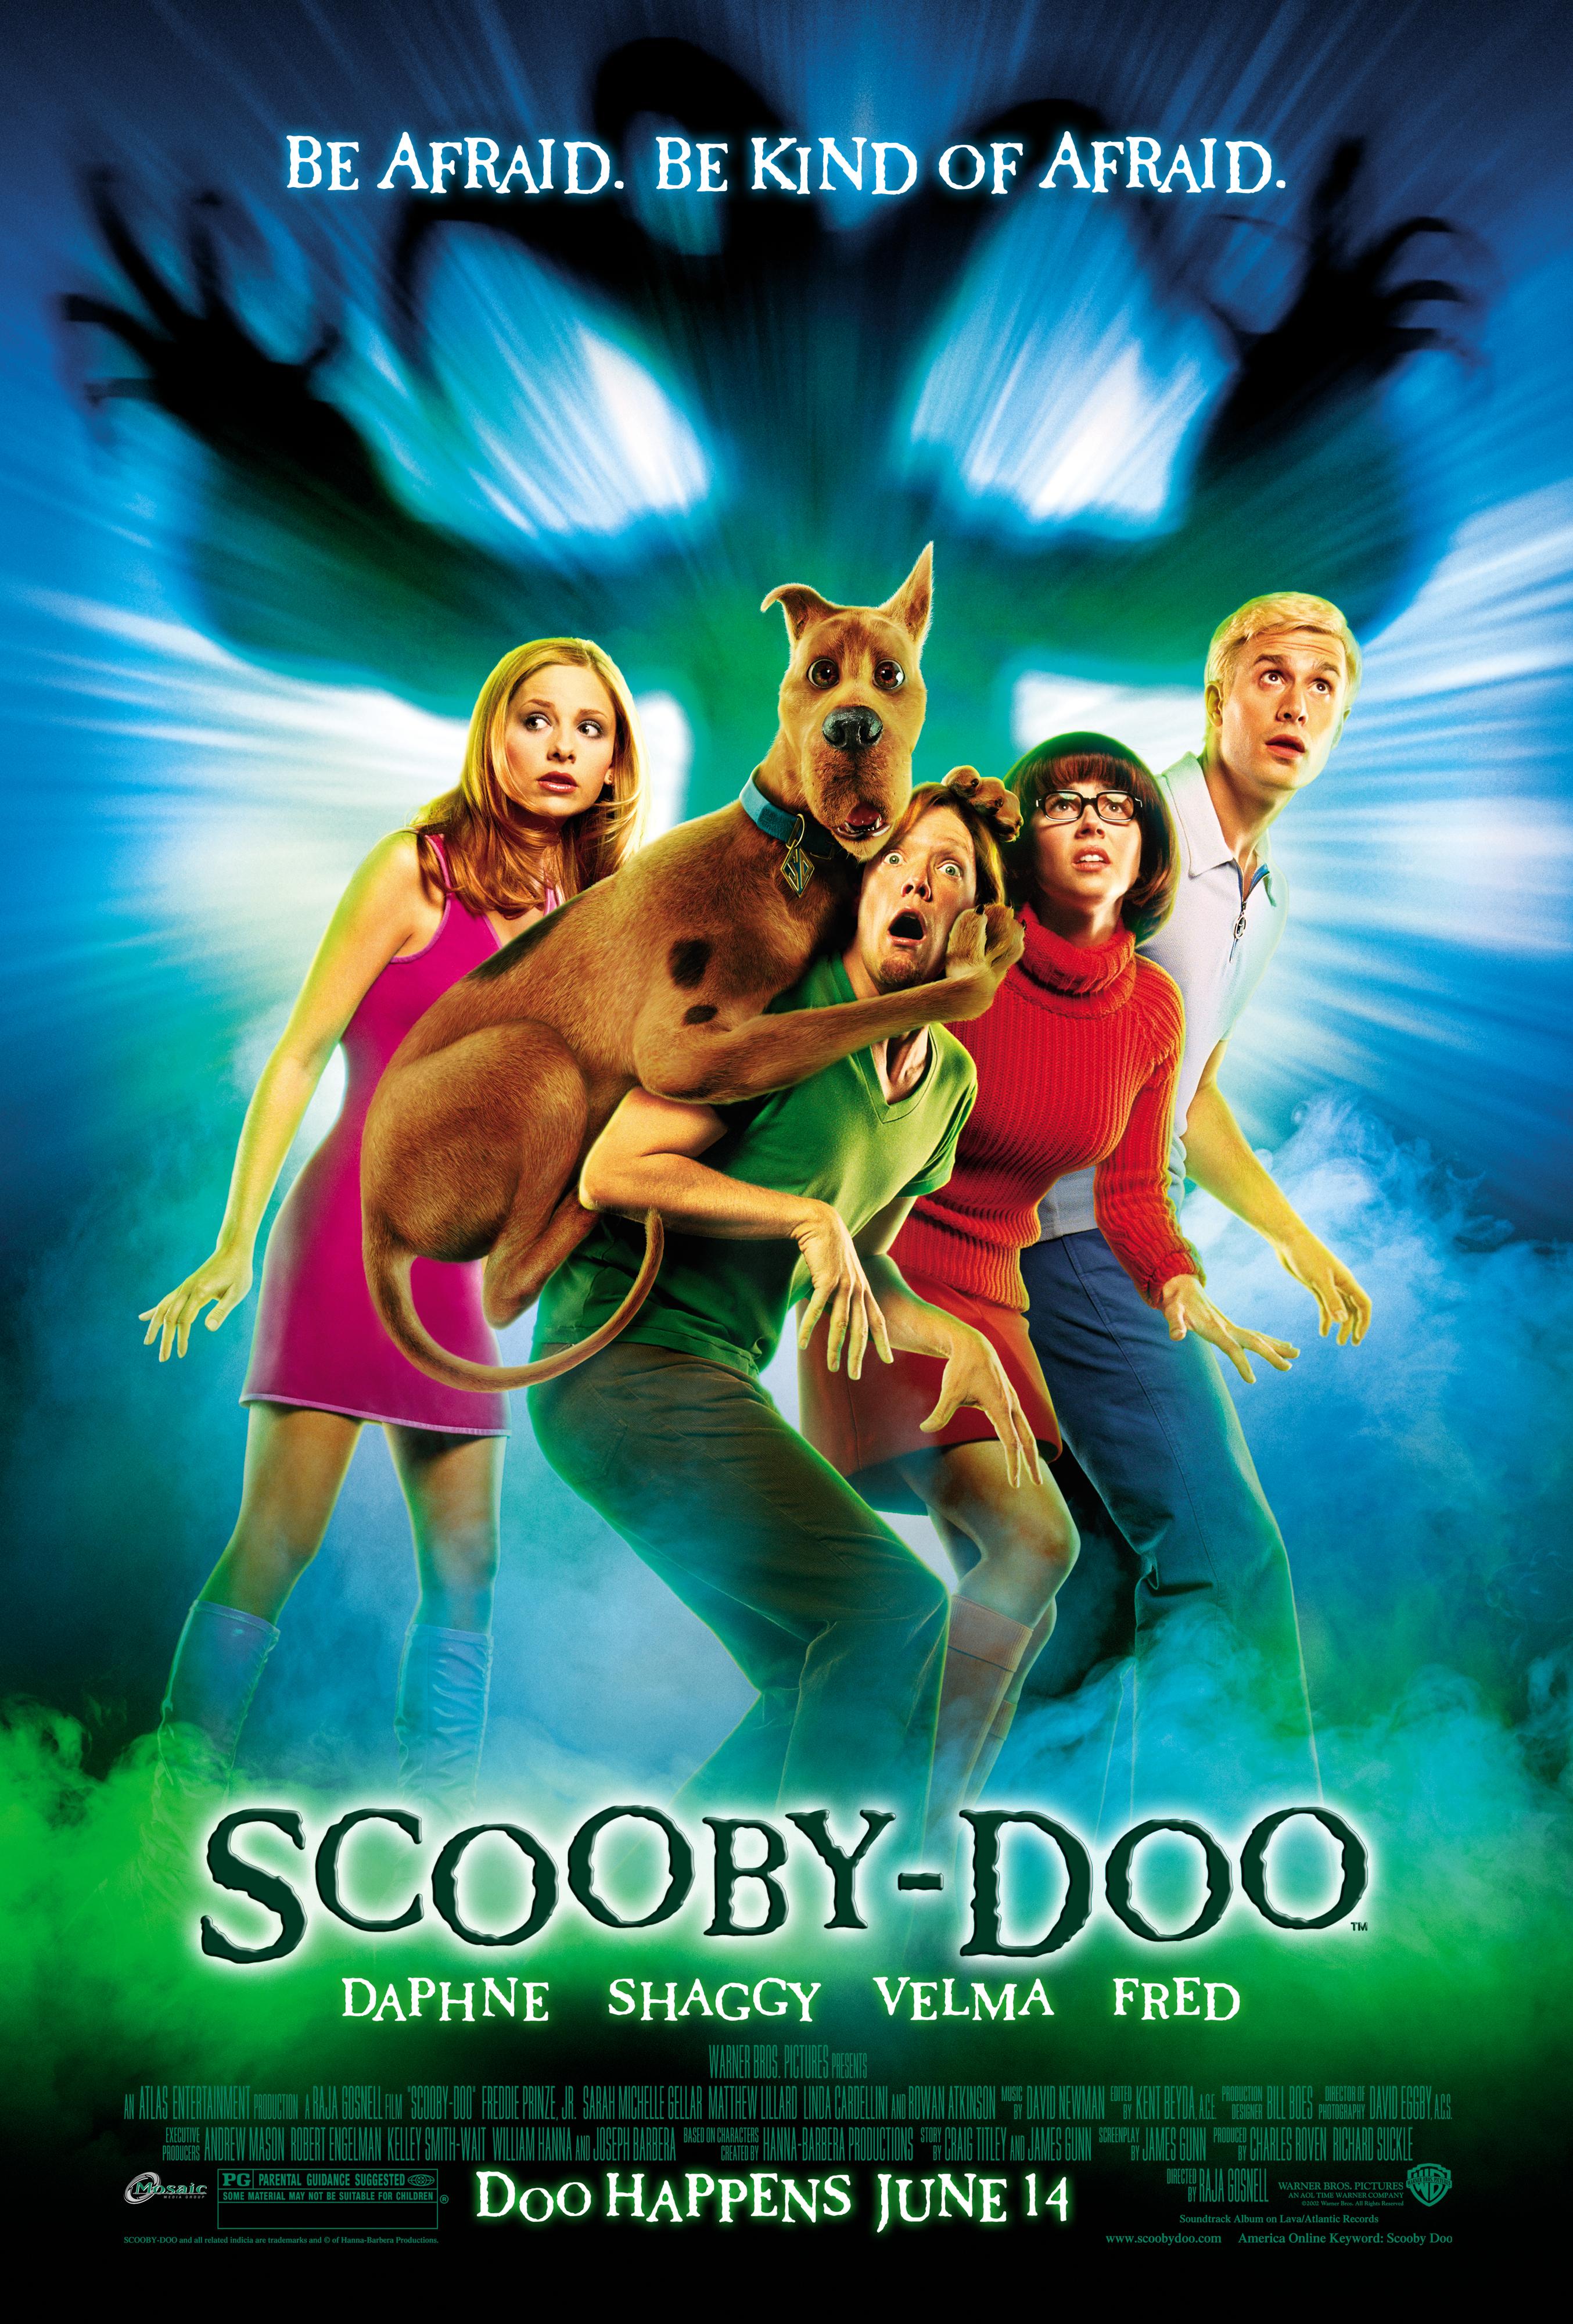 File:ScoobyDoo1PSTR.jpg